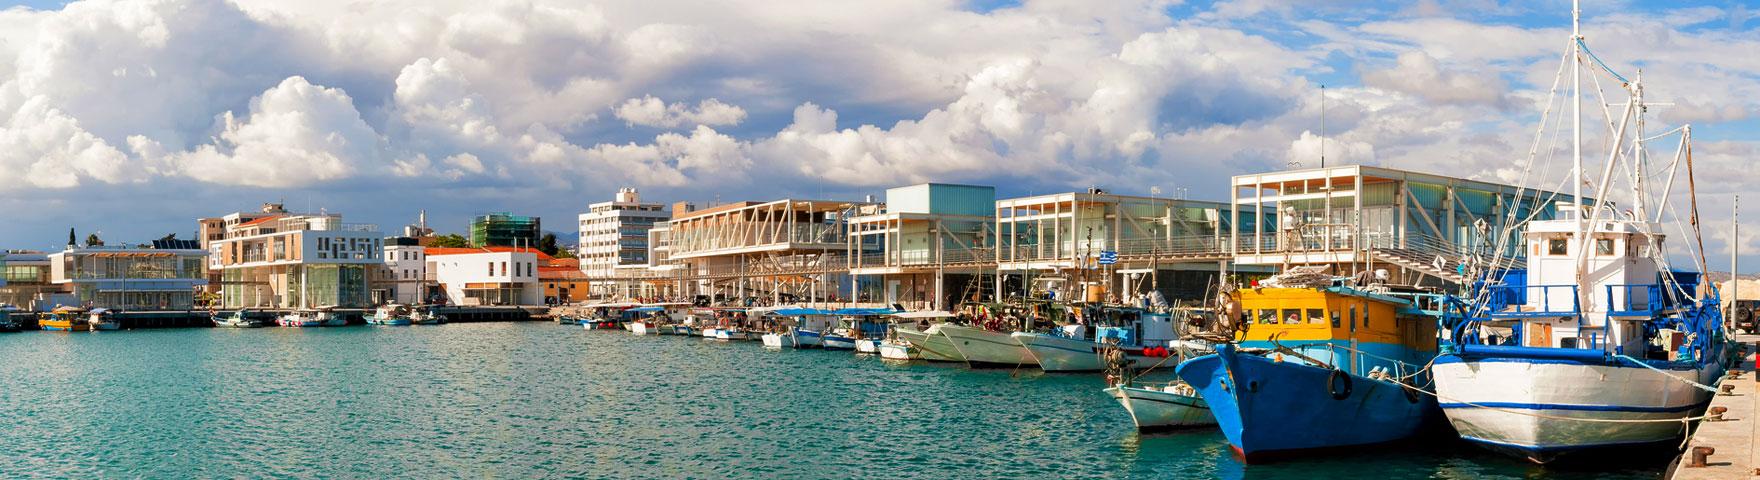 Quelle est la meilleure période pour voyager à Chypre? Quel budget prévoir? Prix des vols et des séjours? Quelles activités touristiques? Combien d'heures de vol?